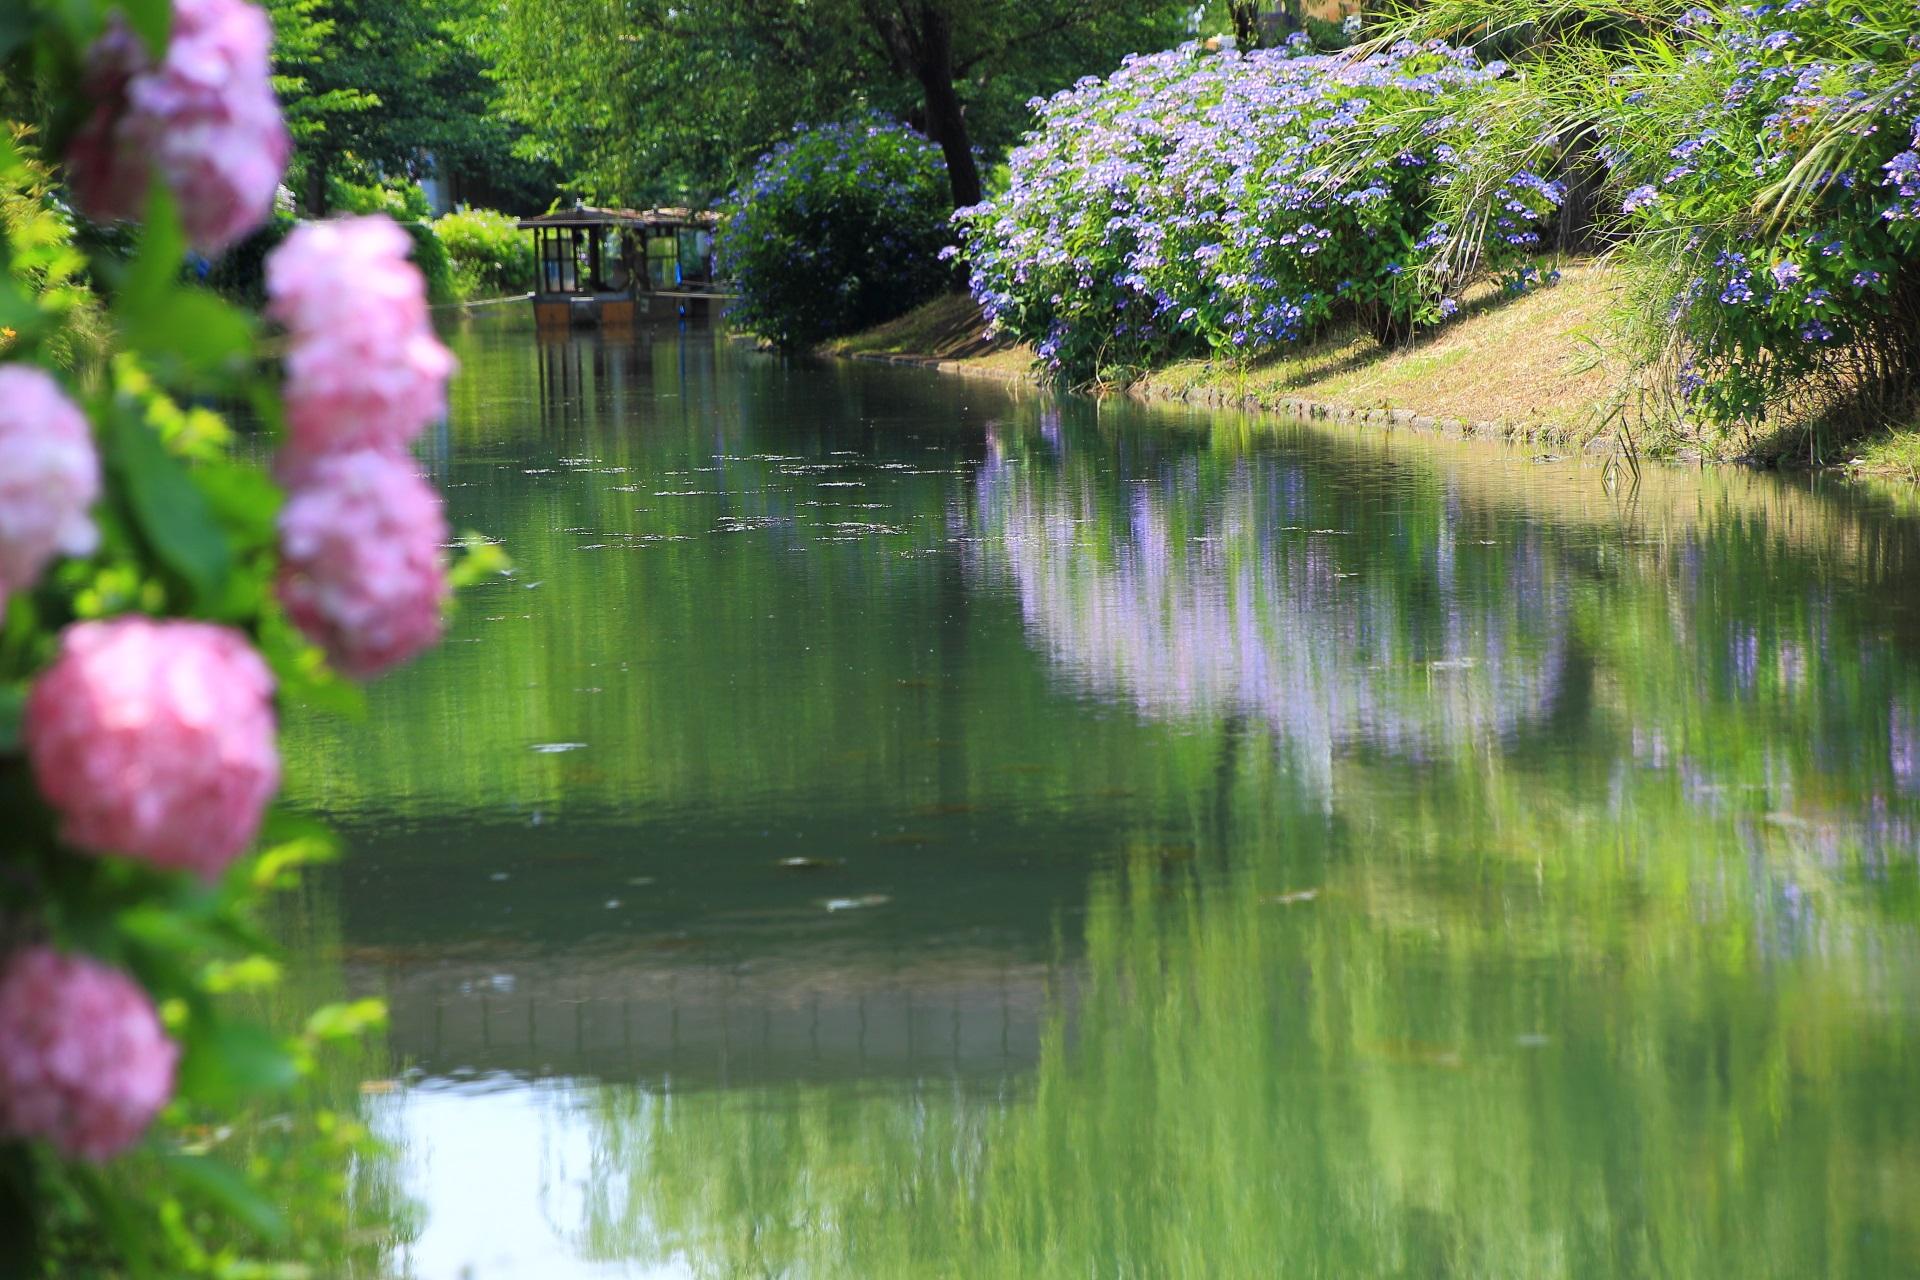 奥には屋形船の十石舟が見える長閑で華やかな紫陽花の咲く初夏の宇治川派流